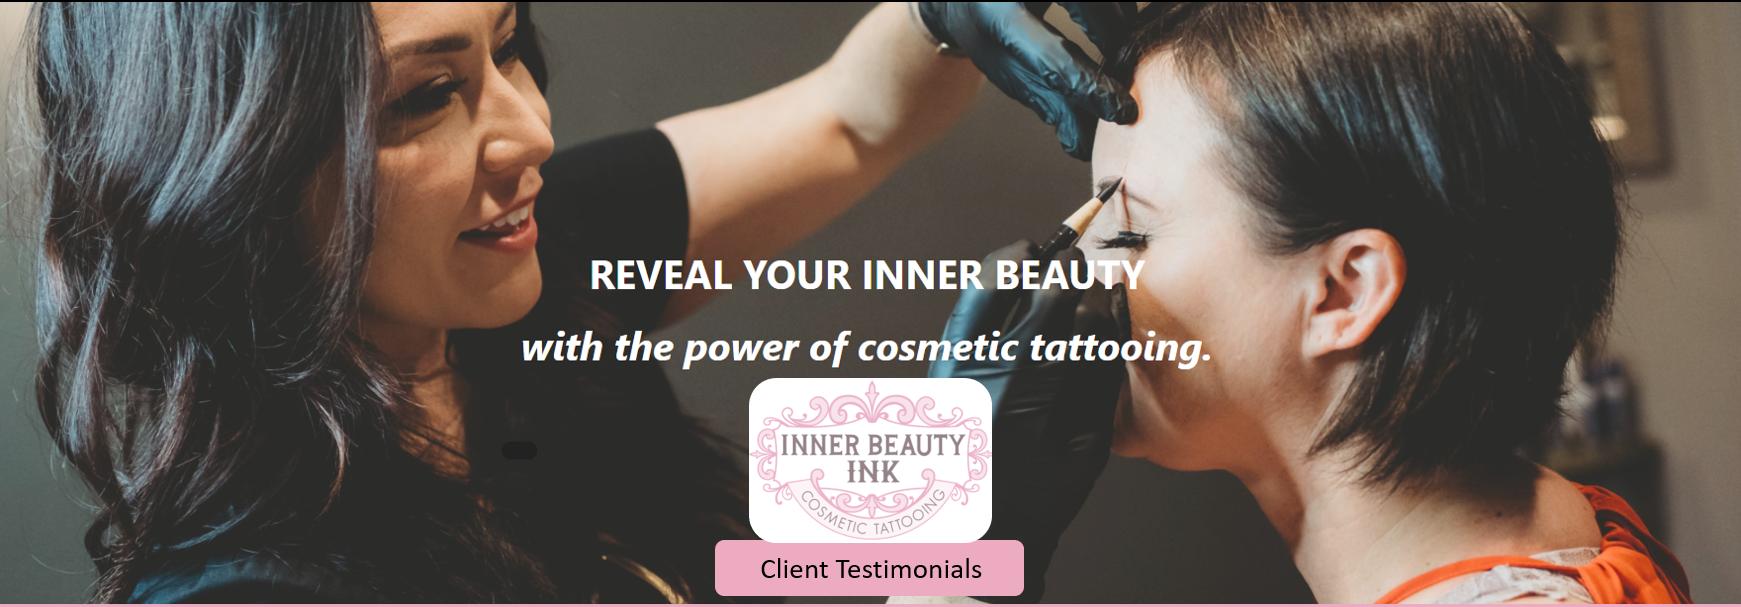 Inner Beauty Ink reviews | Permanent Makeup at Glow Studios - Ashburn VA